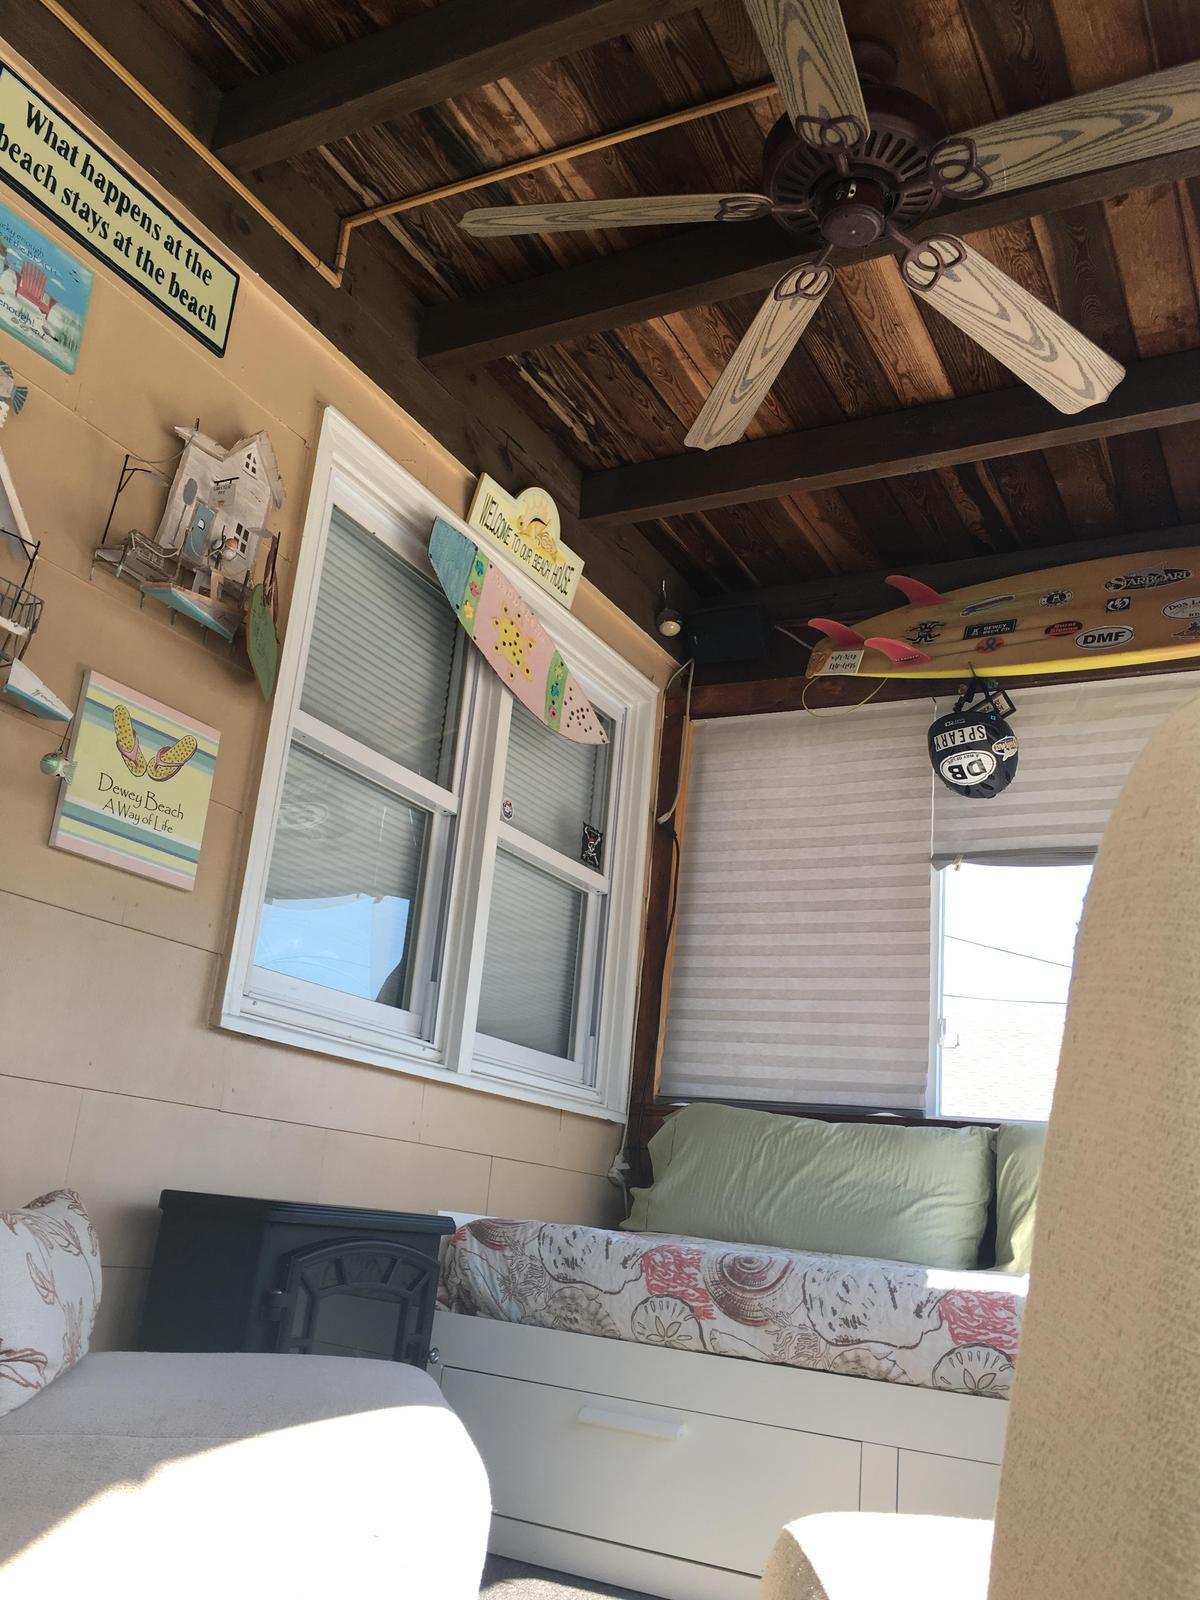 Ceiling fan in front sunroom